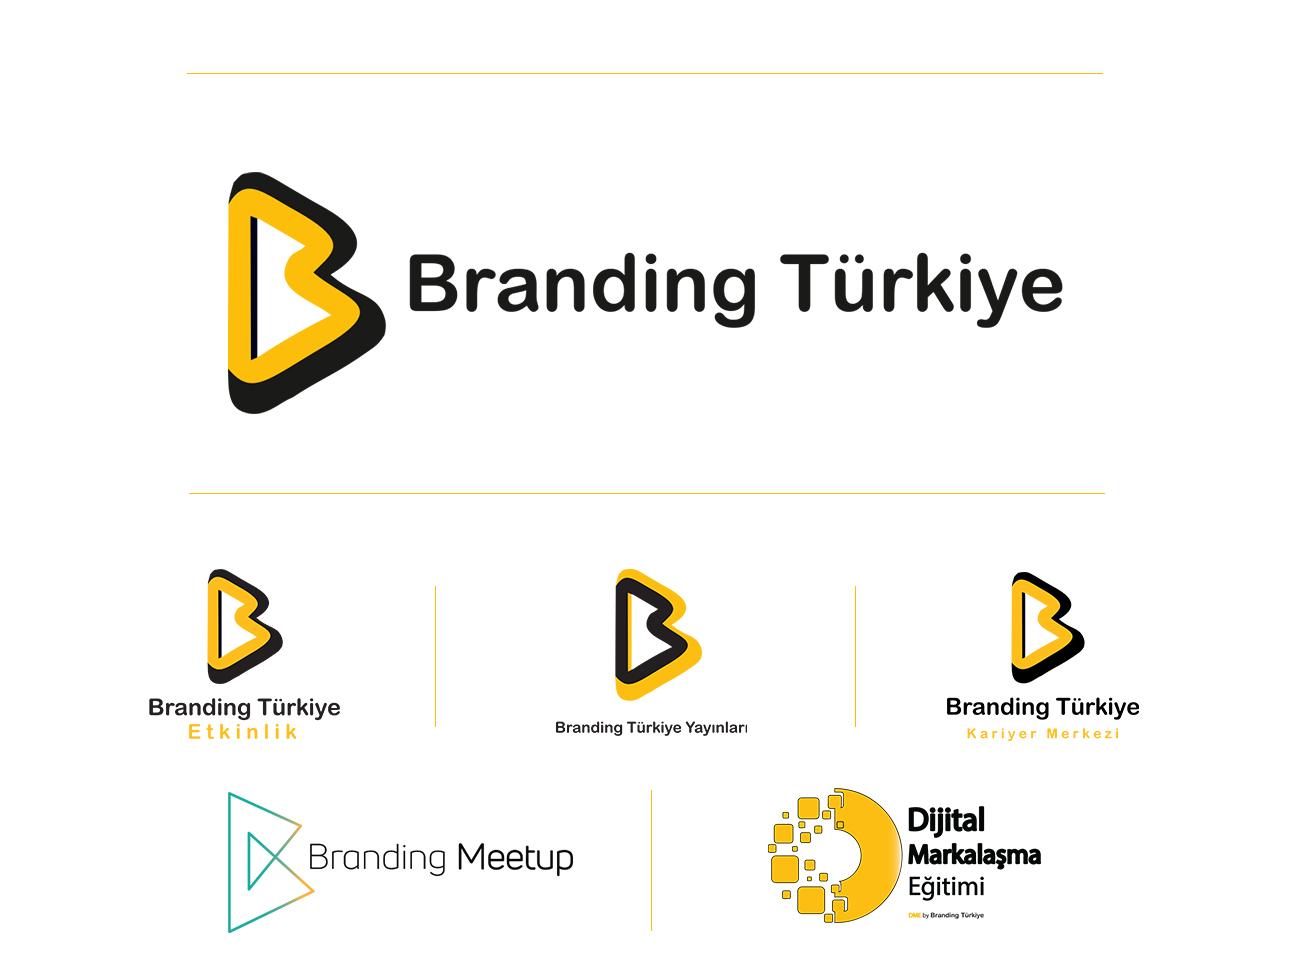 Branding Türkiye Markaları